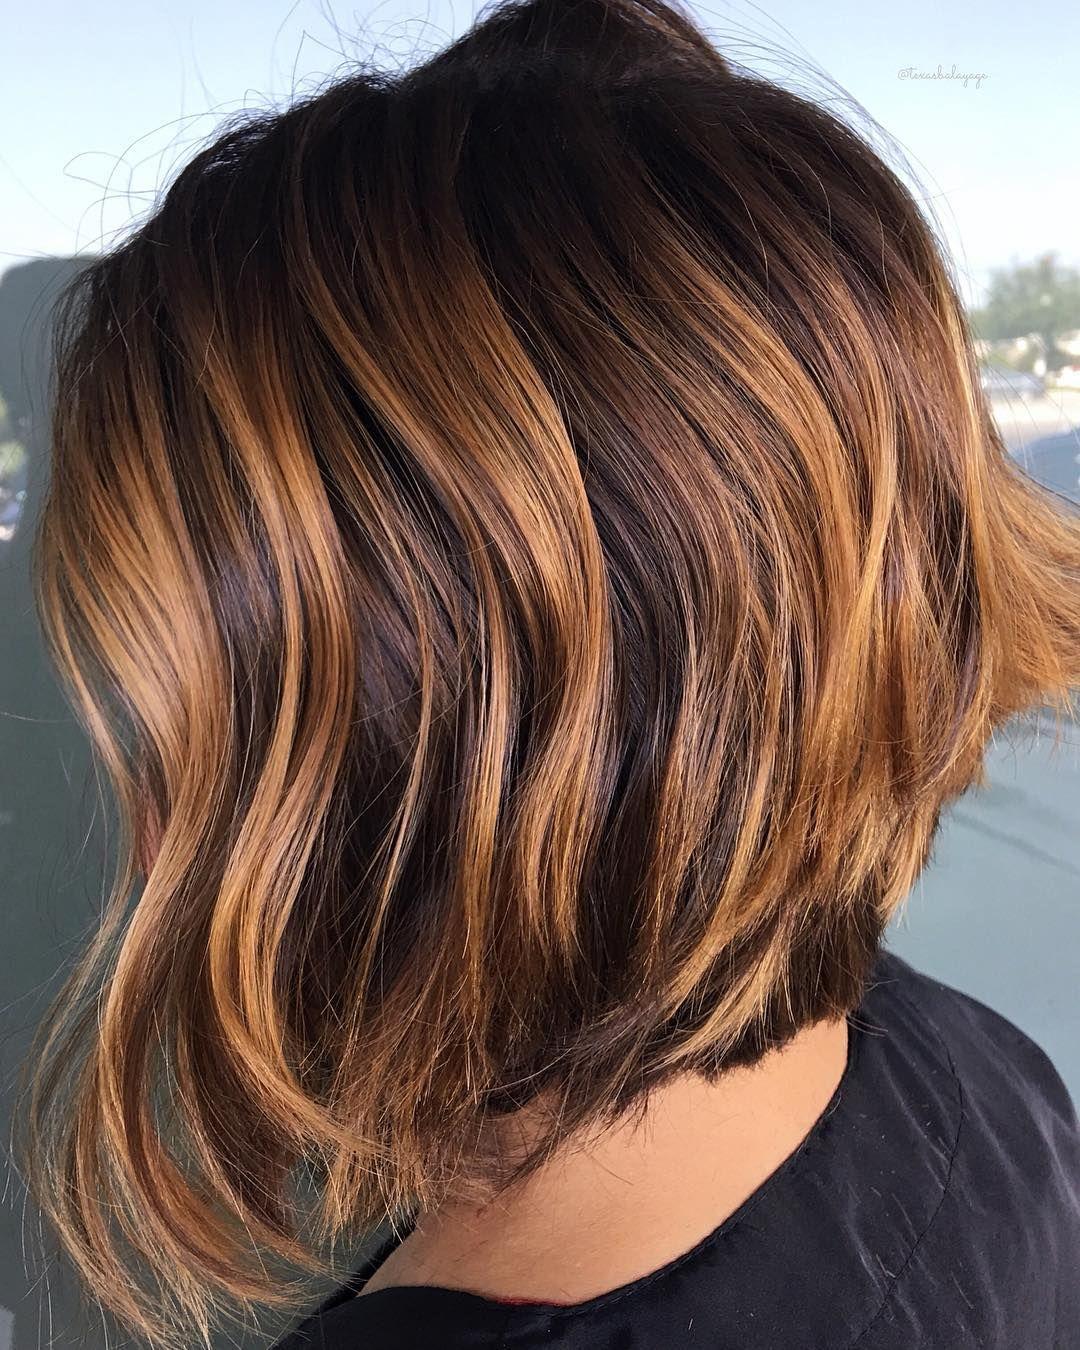 Hair Ombre Copper Caramel 31 Ideas Short Ombre Hair Short Hair Balayage Balayage Hair